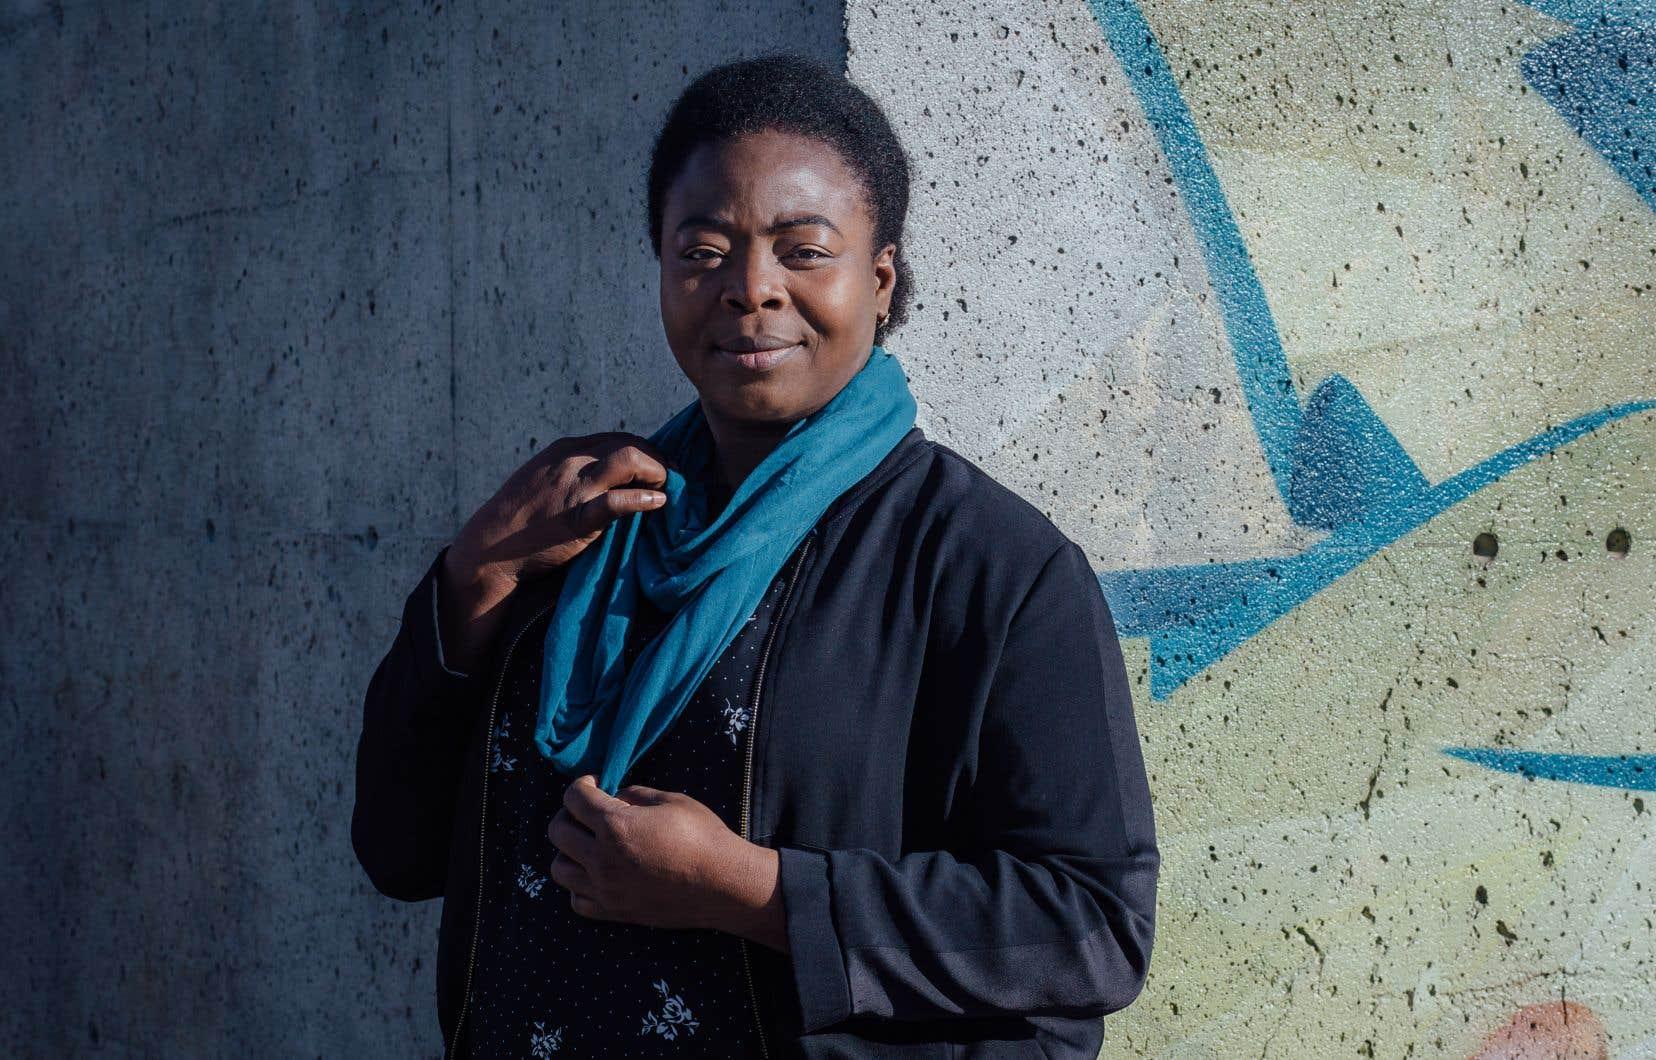 Au départ, la réalisatrice Gentille M. Assih voulait faire un documentaire sur les défis d'intégration auxquels font face les femmes immigrantes. Des femmes que l'on côtoie, mais dont on sait souvent trop peu.